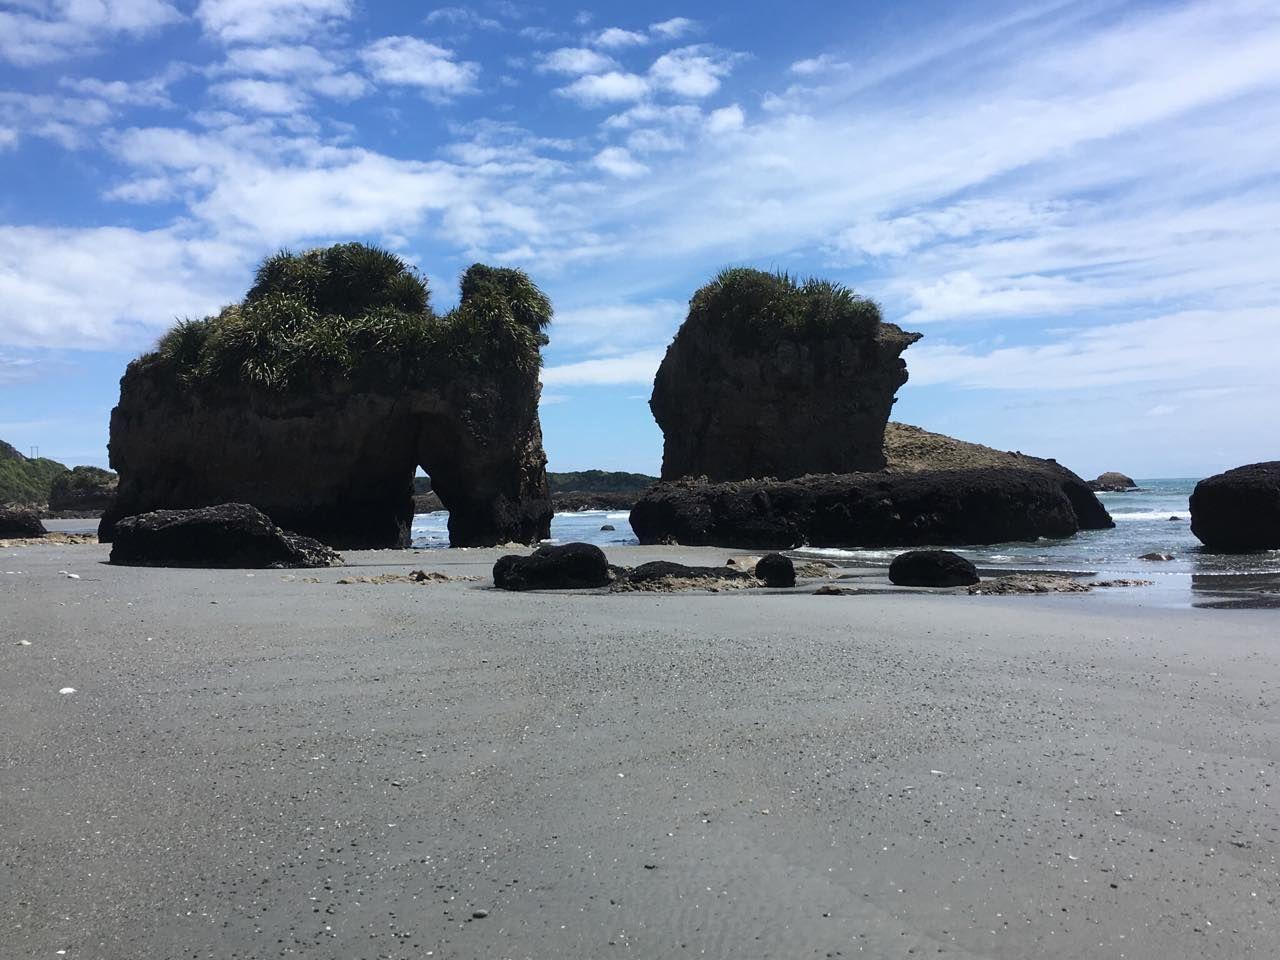 Nový Zéland: Díky autu můžeš zastavit kdekoliv, kde jen chceš